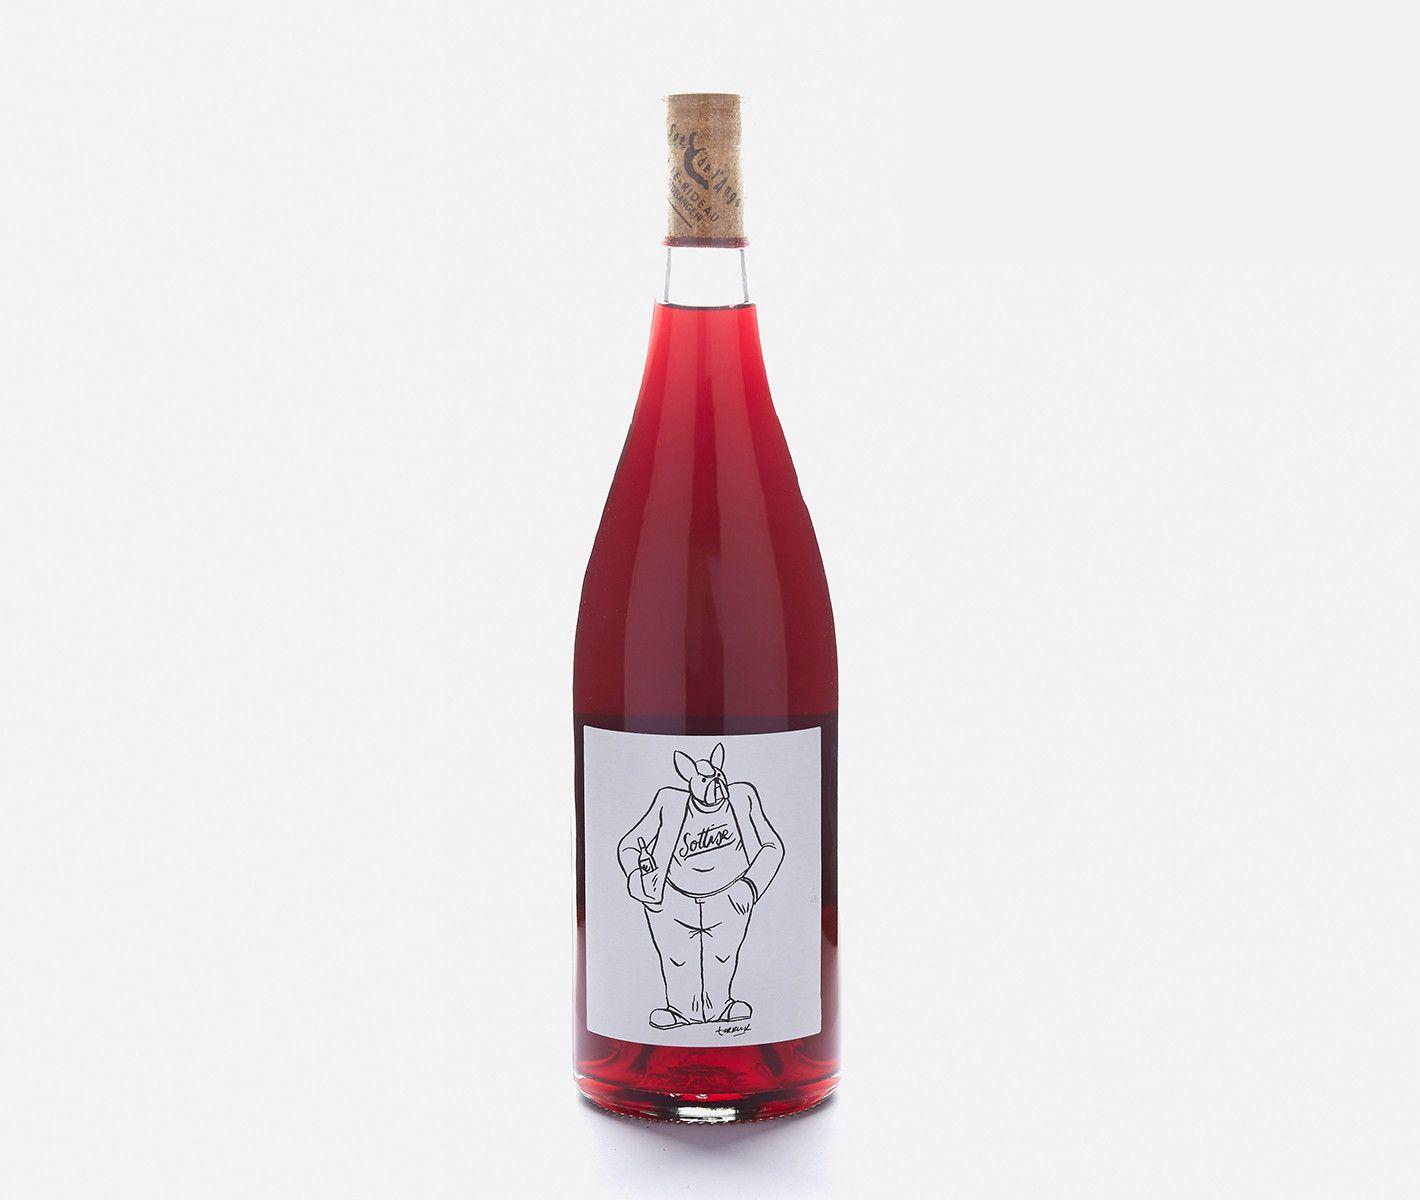 2015 Le Sot De Lange Sottise Wine Bottle Rose Wine Bottle Bottle